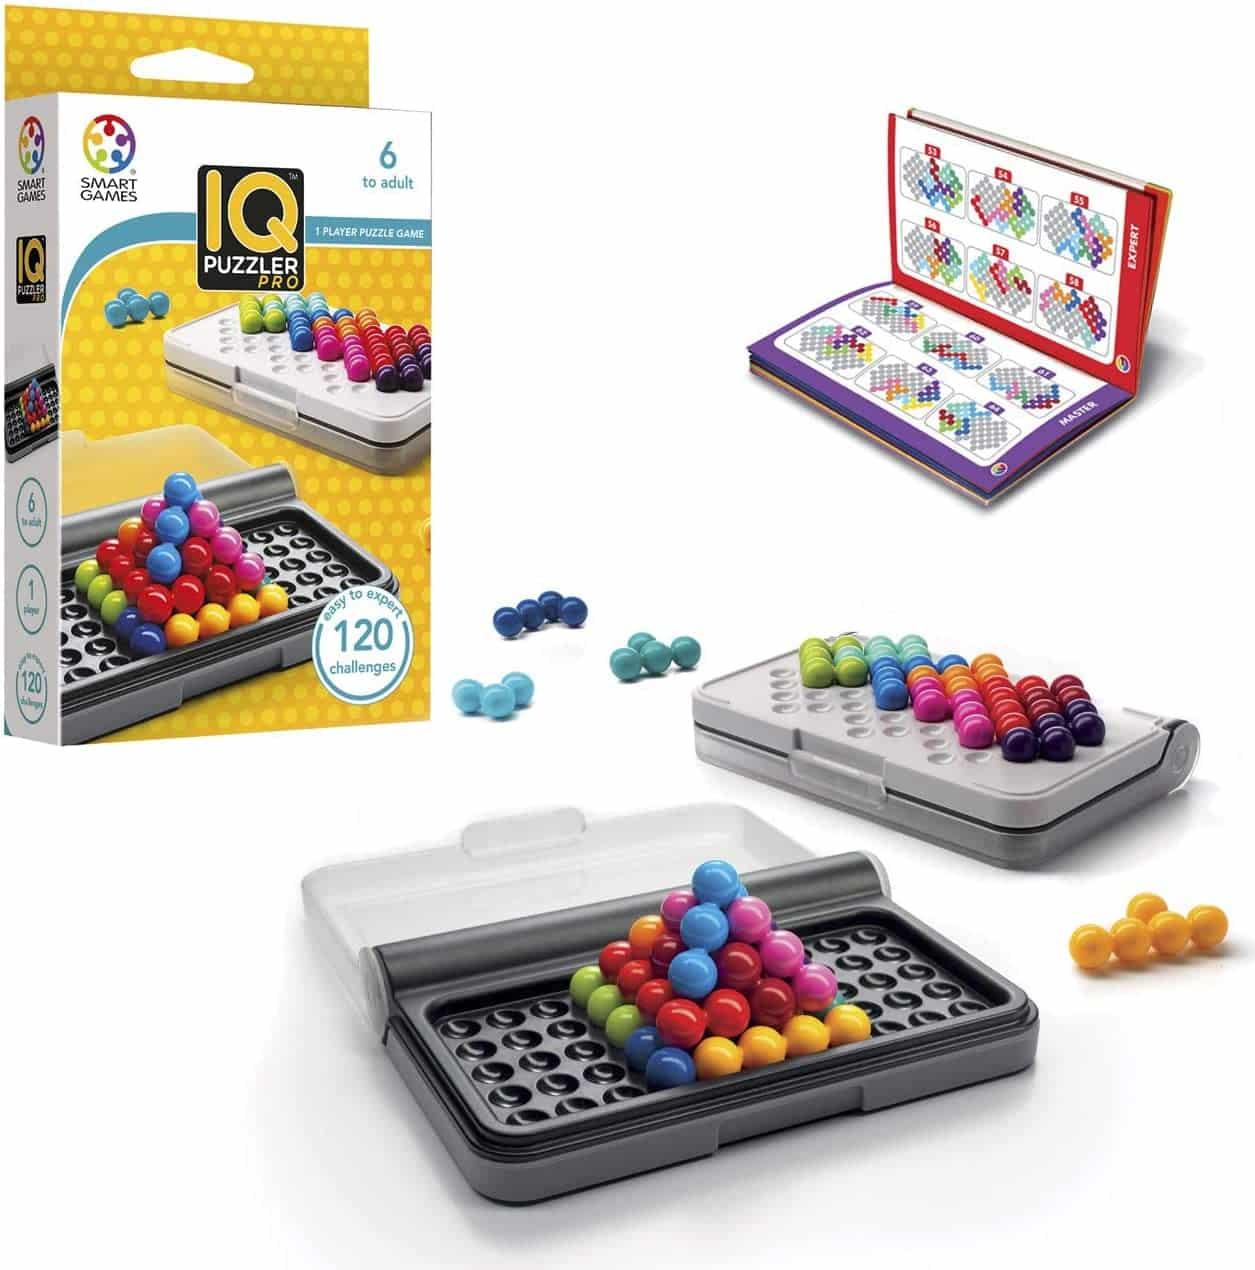 Contenido del juego IQ Puzzler Pro